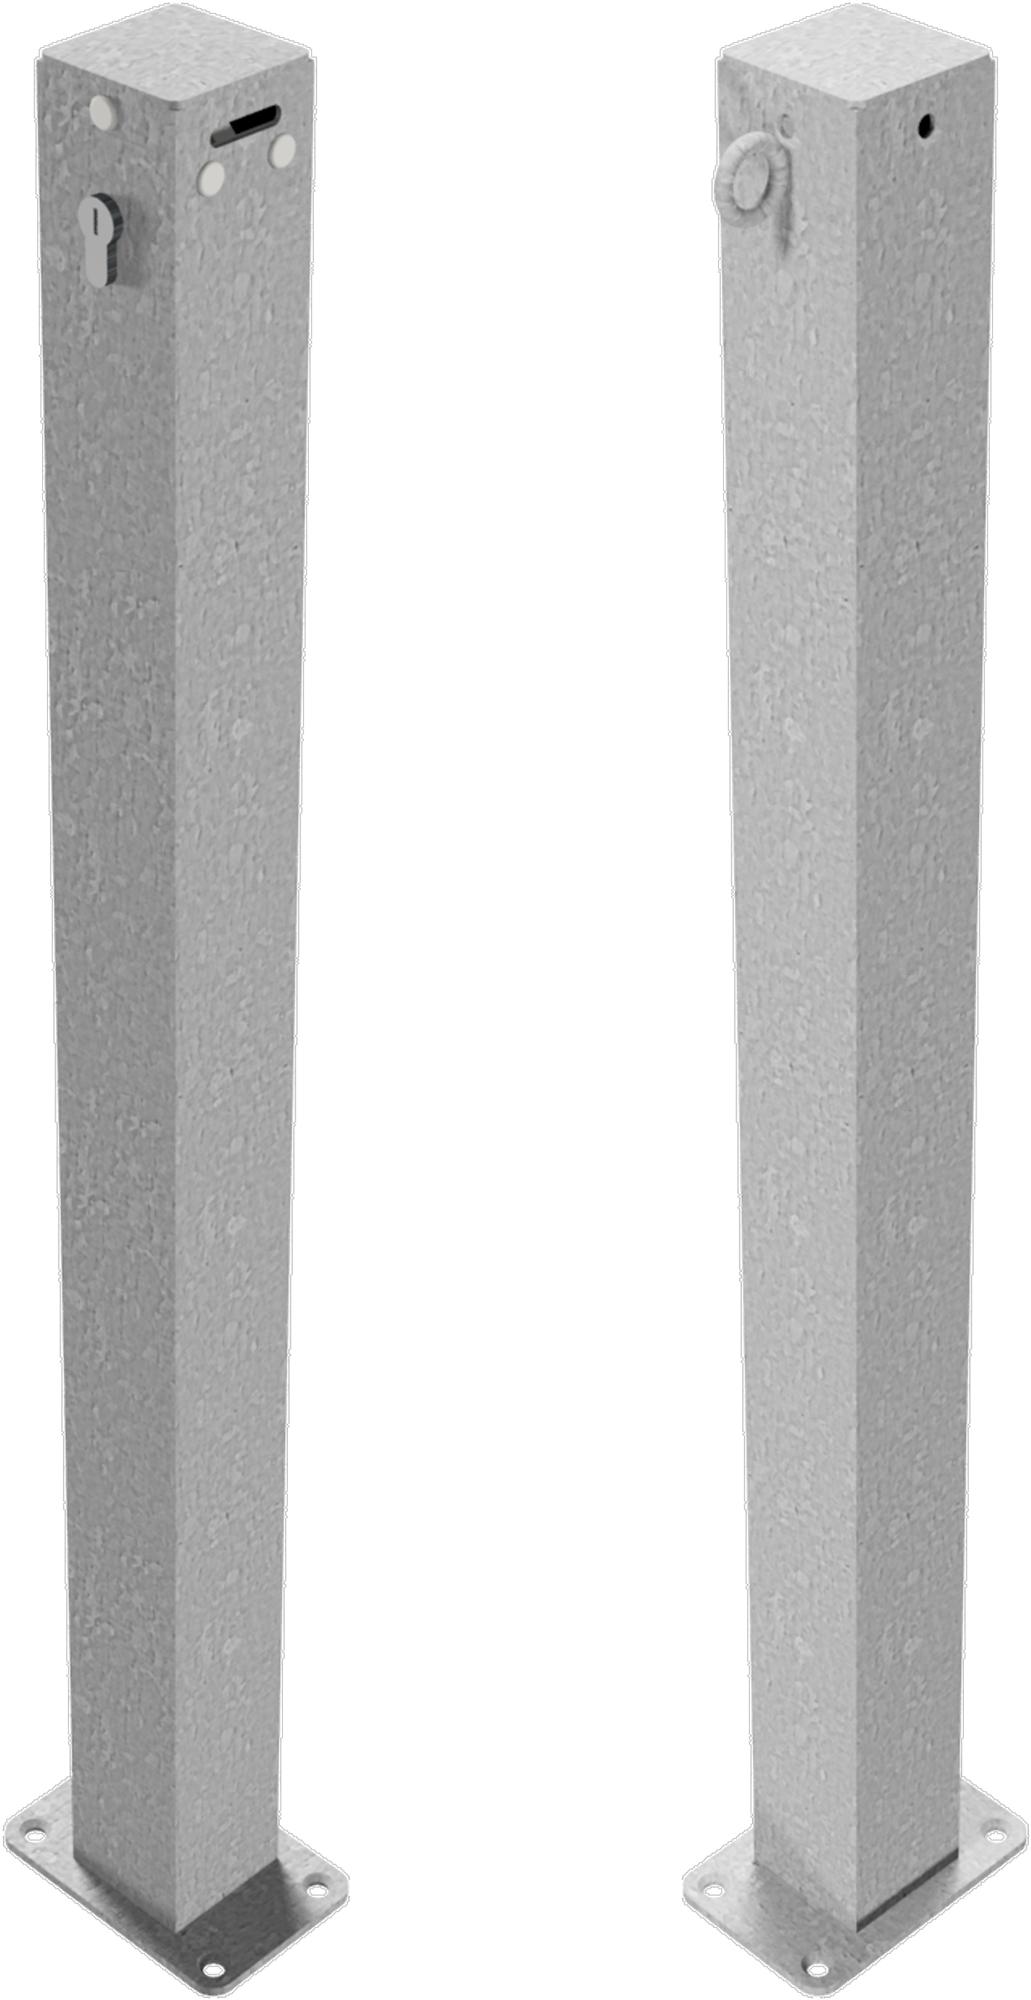 Schake Absperrkettenpfosten Stahl 70 x 70 mm verzinkt